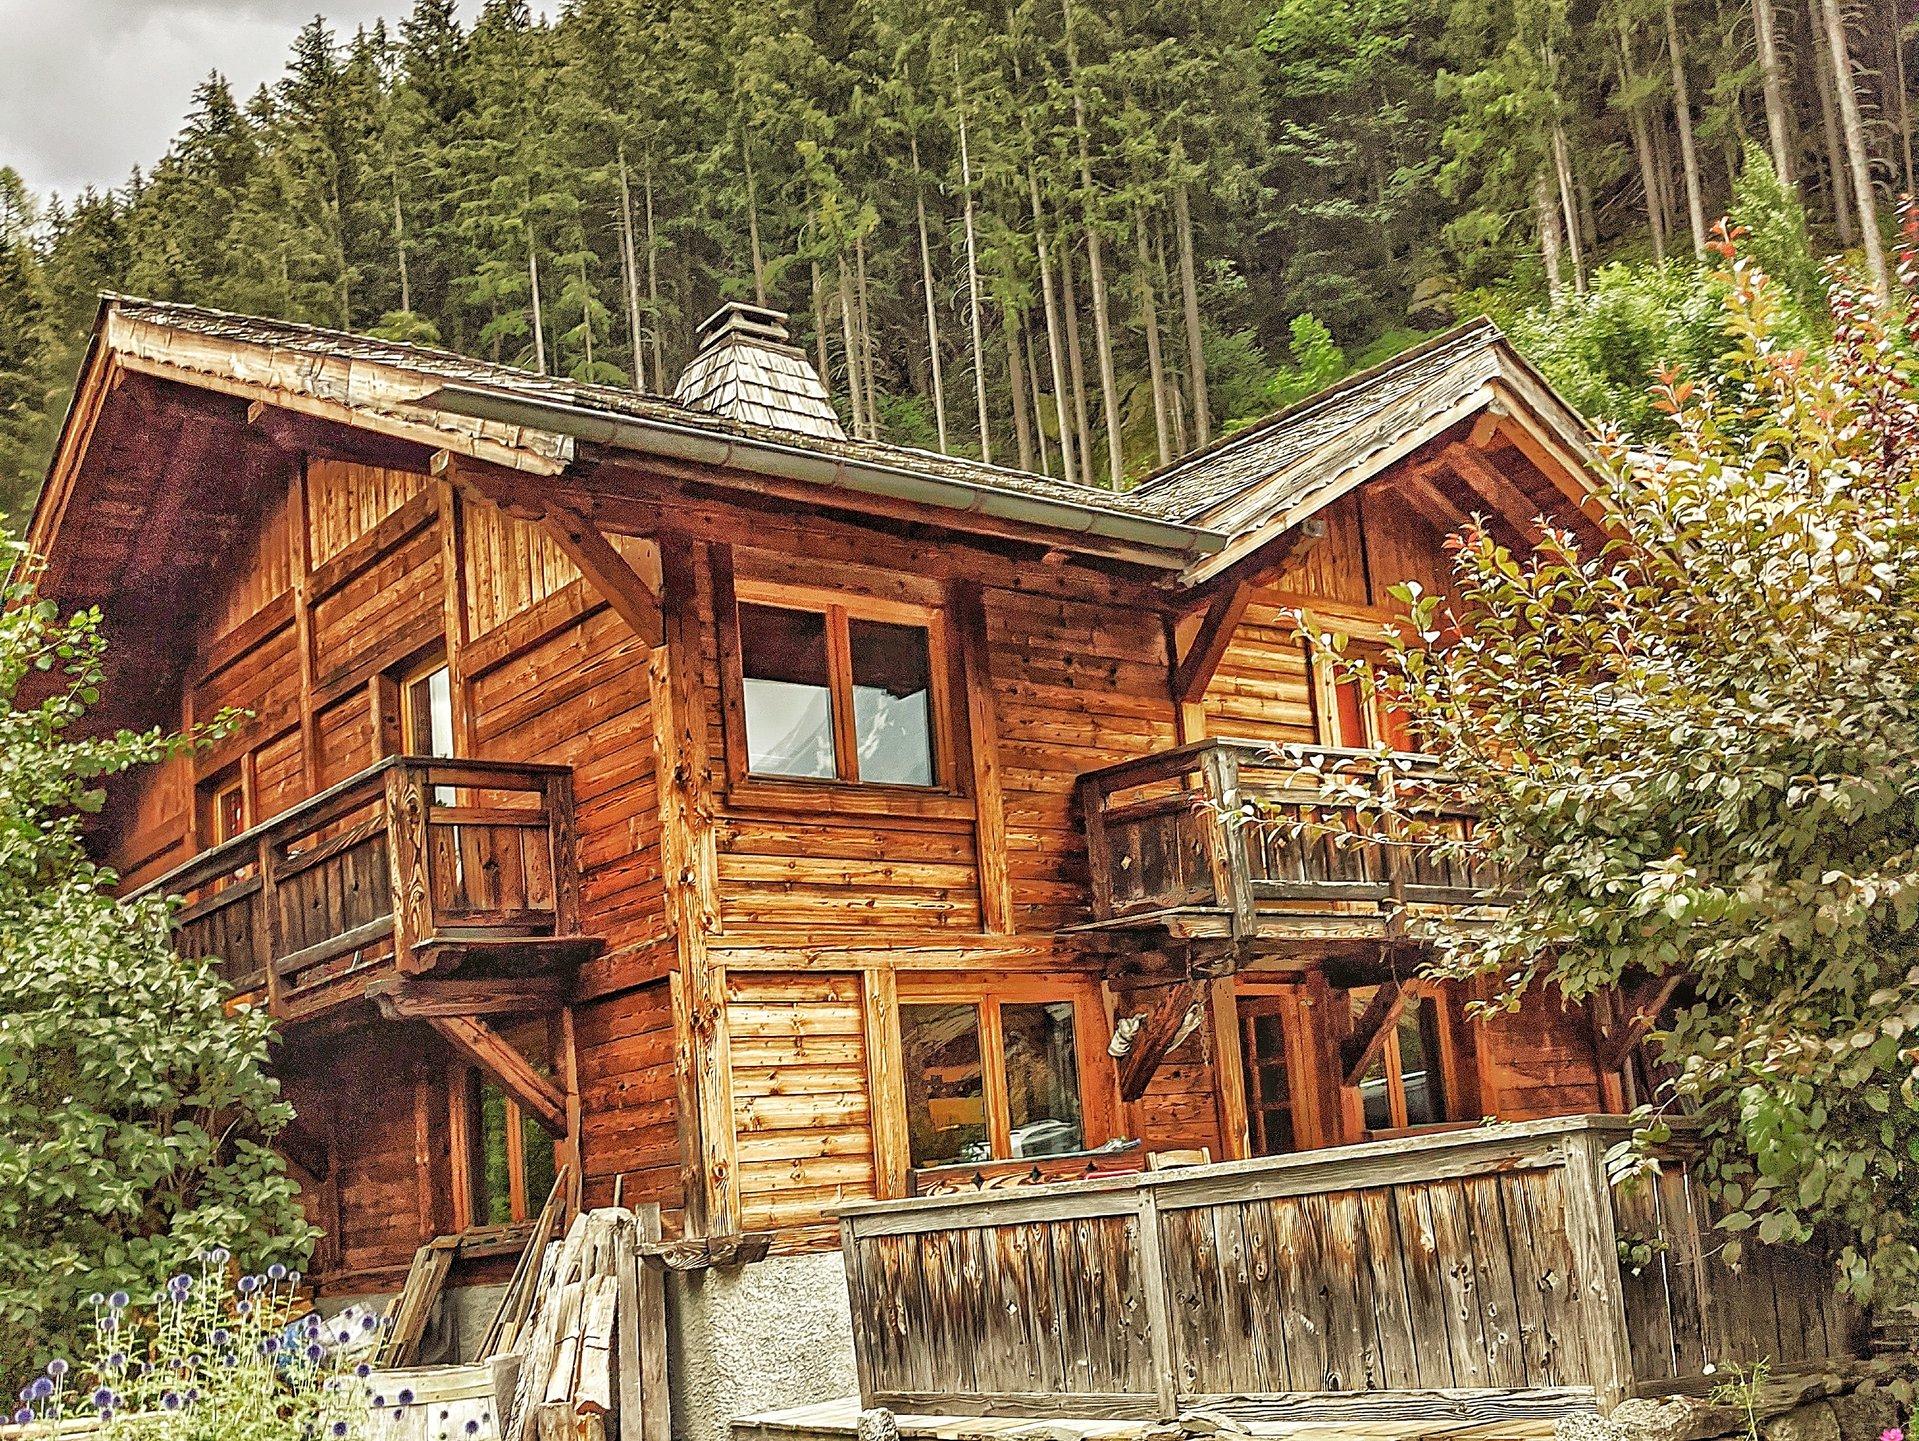 Продажа Шале - Шамони́-Монбла́н (Chamonix-Mont-Blanc) La Frasse